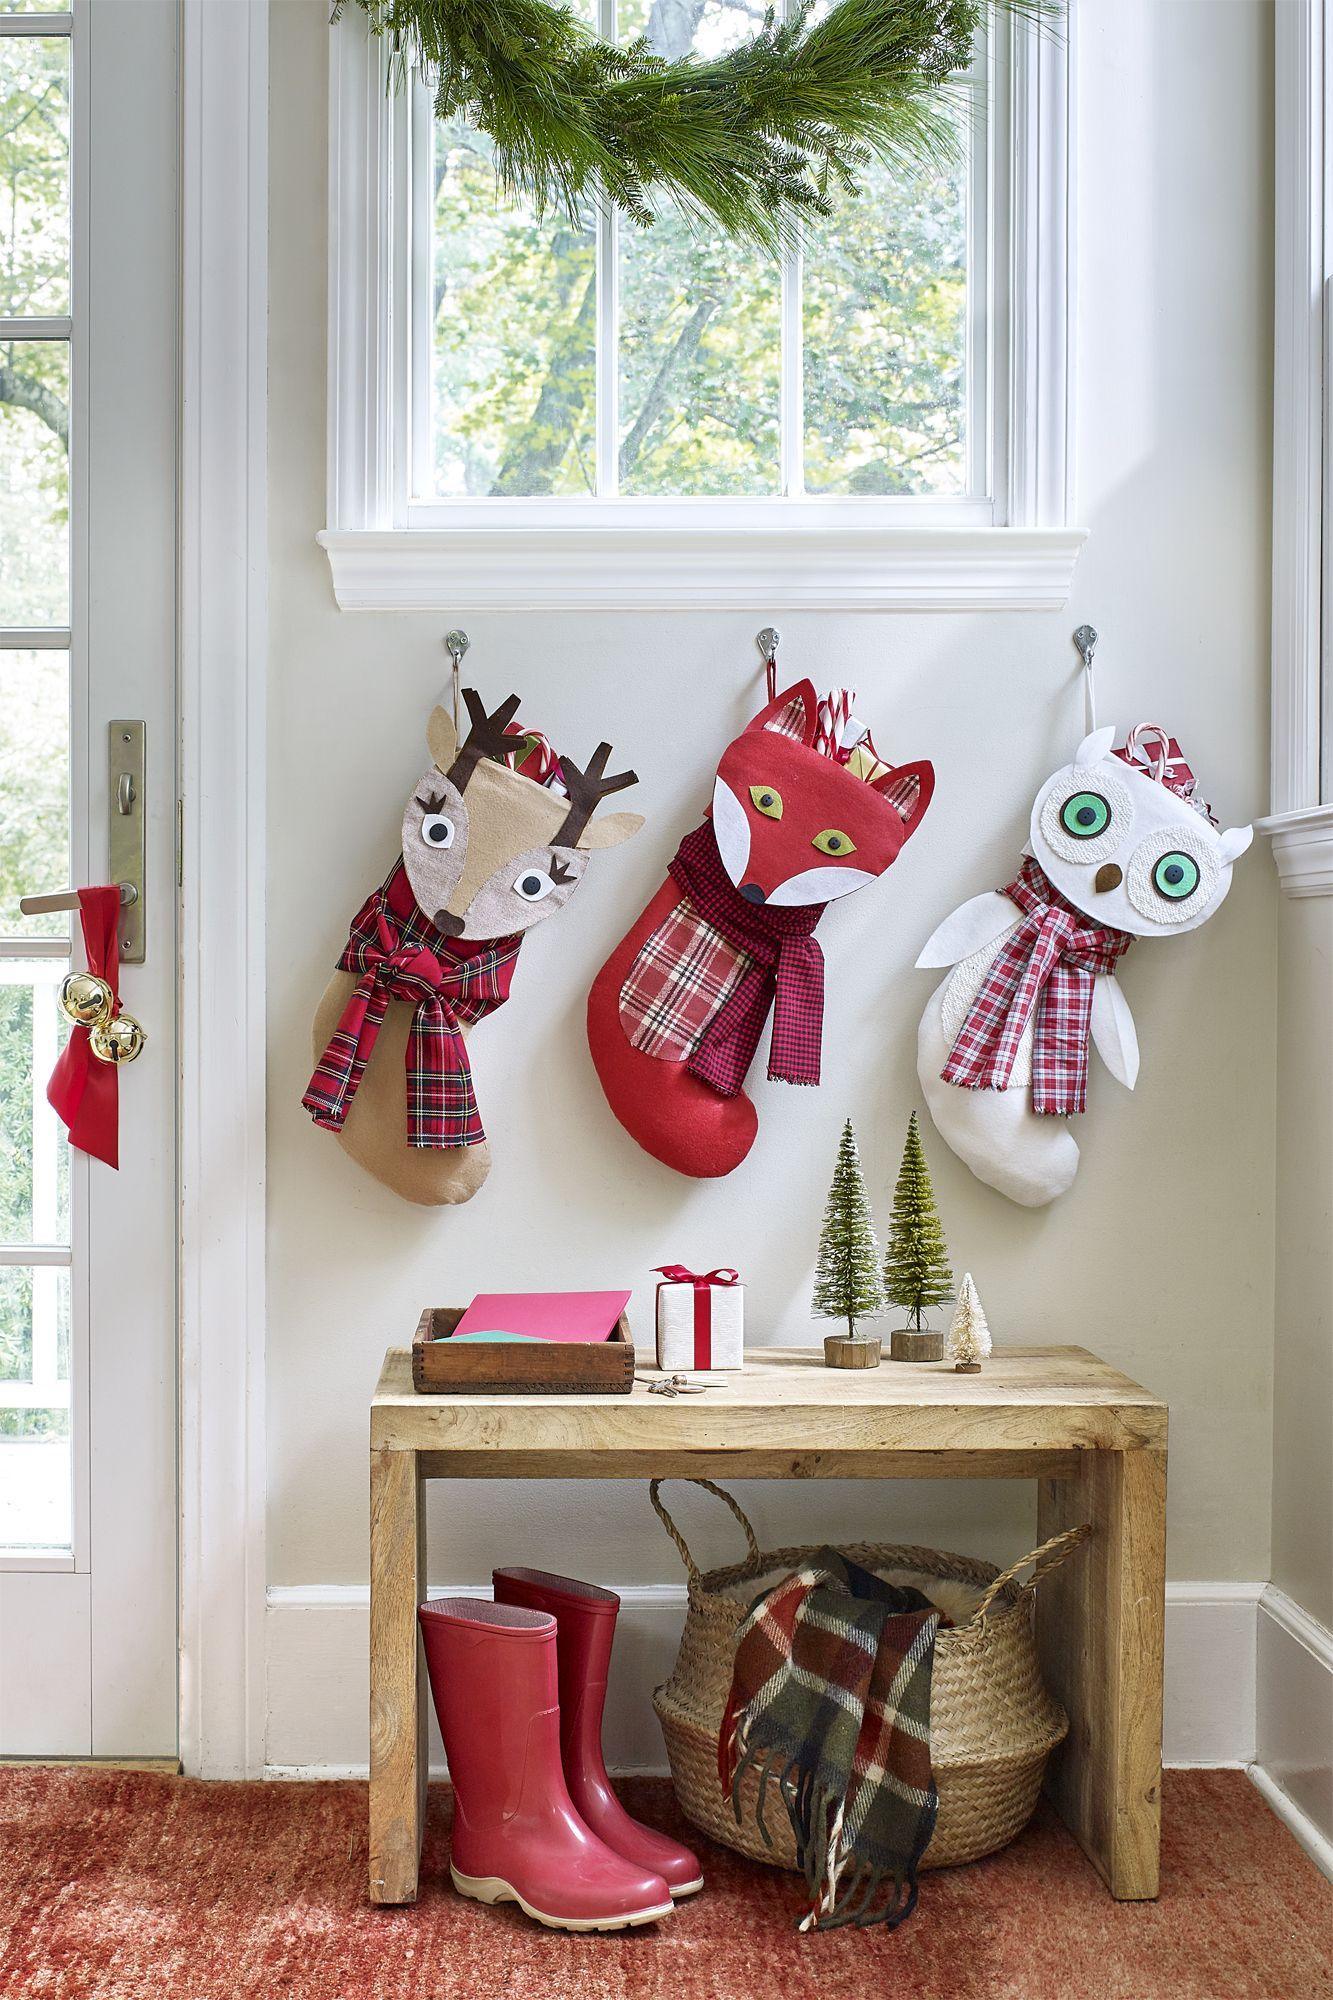 Christmas Decorating Ideas Woodland Stockings